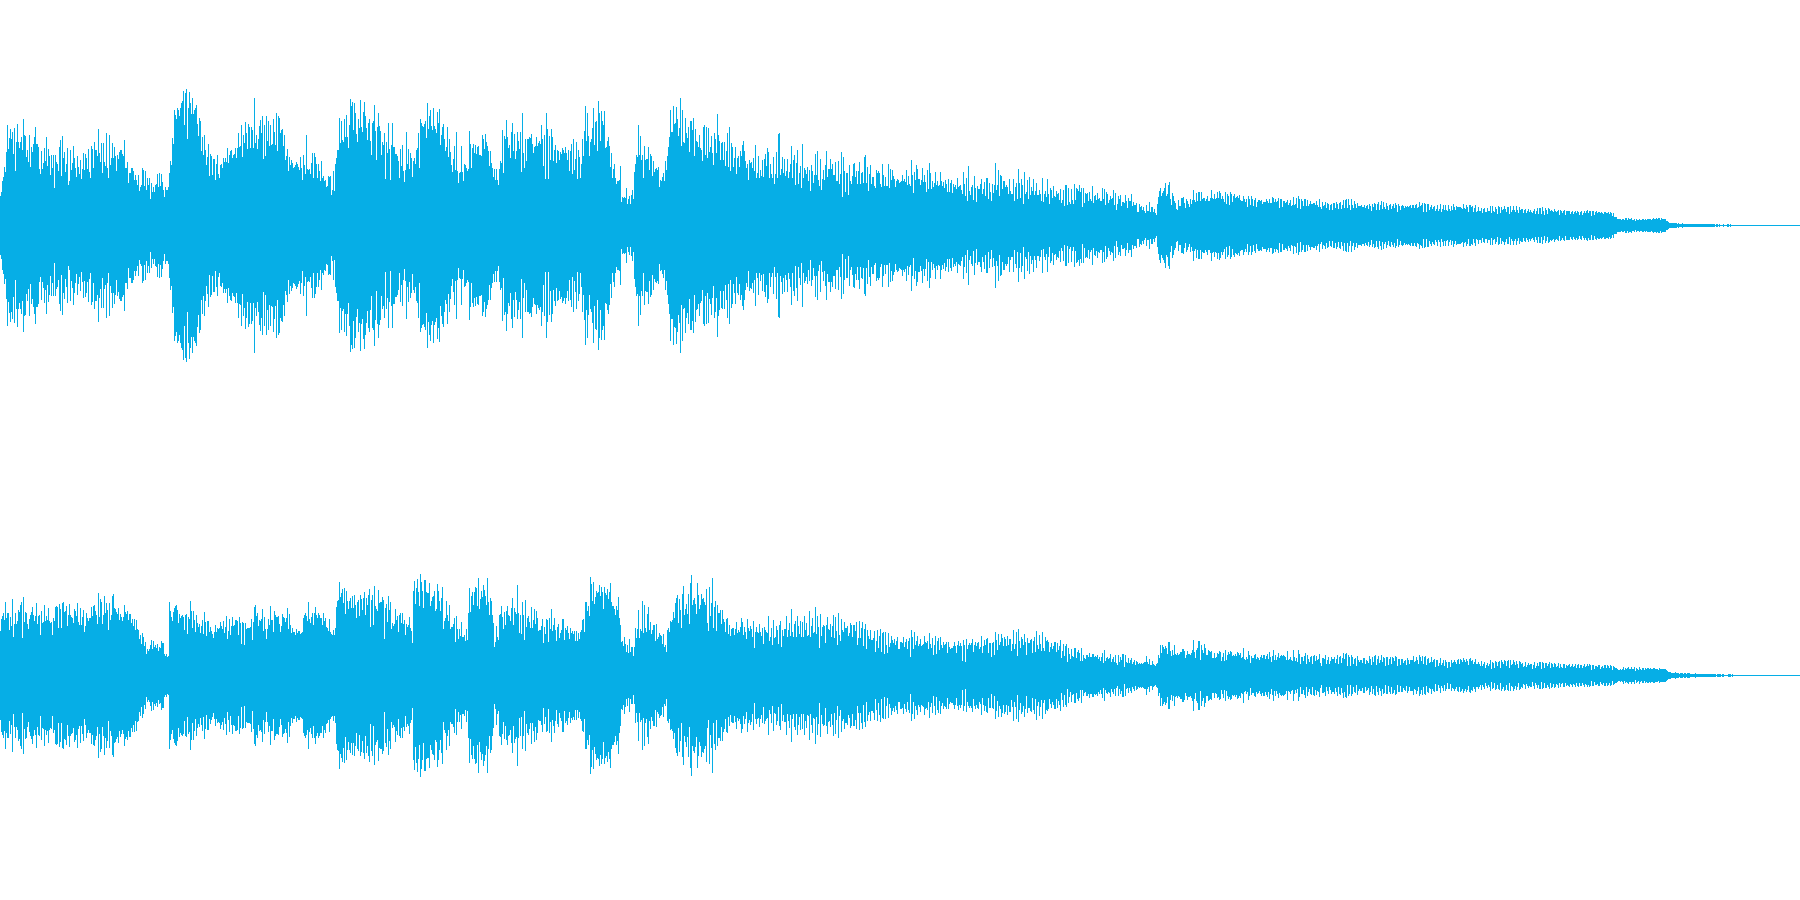 【10秒強】ジャズギターのコードとソロの再生済みの波形